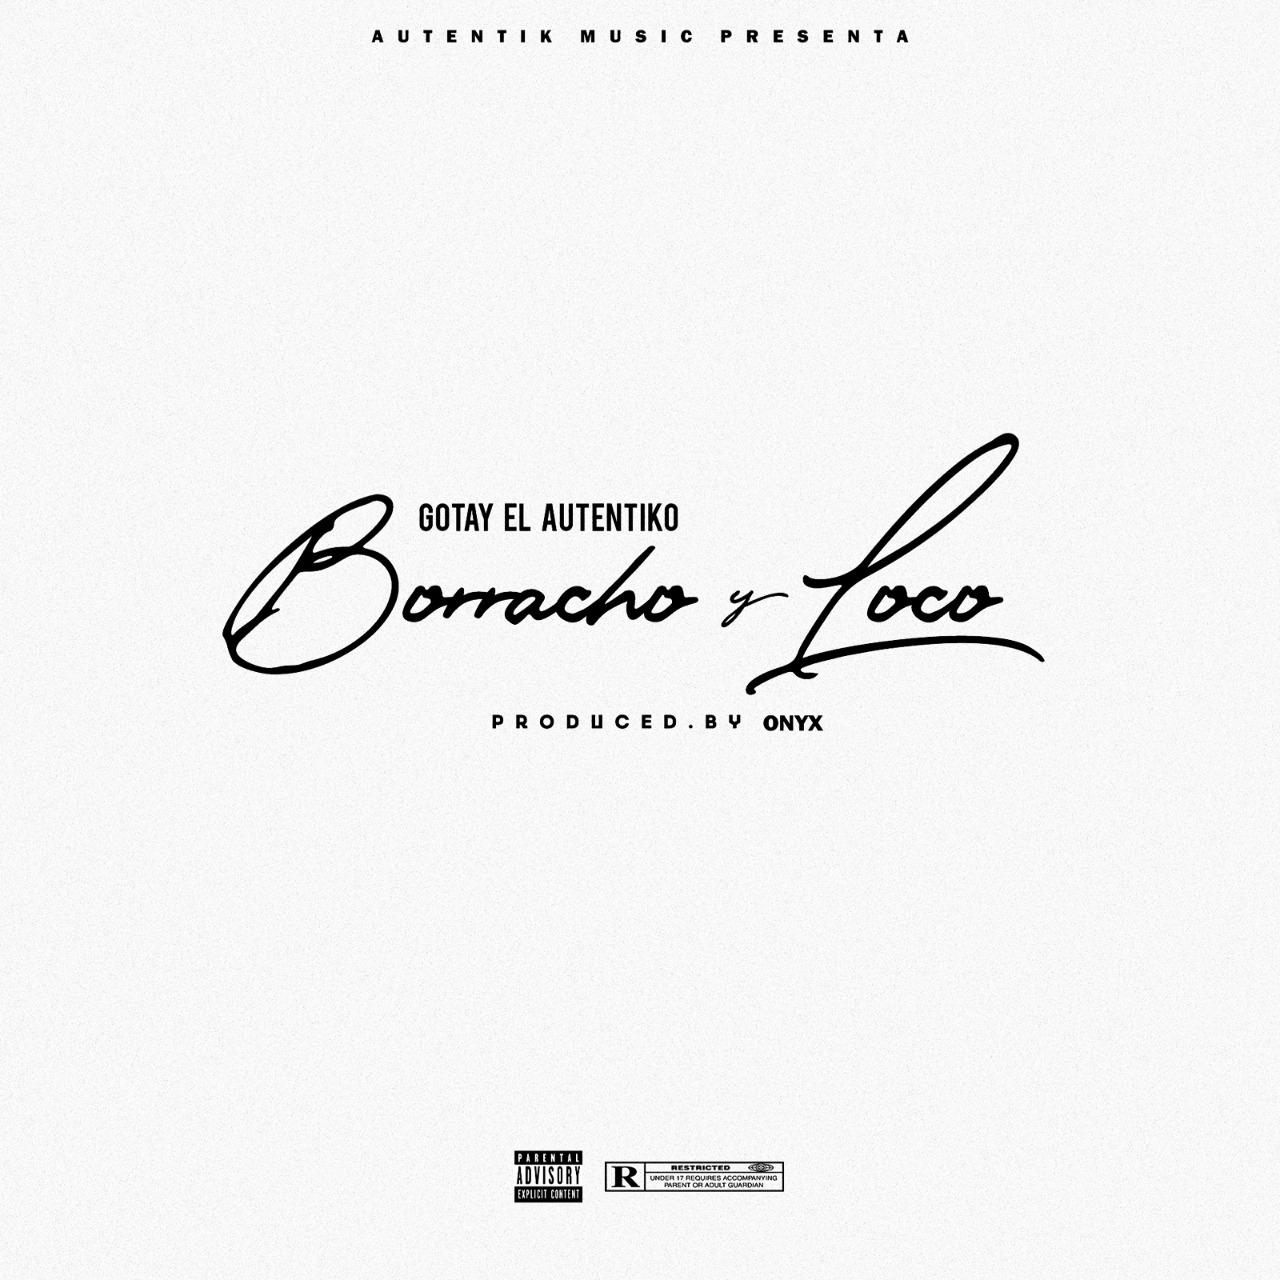 Gotay El Autentiko – Borracho Y Loco Prod. Onyx - Gotay El Autentiko – Borracho Y Loco